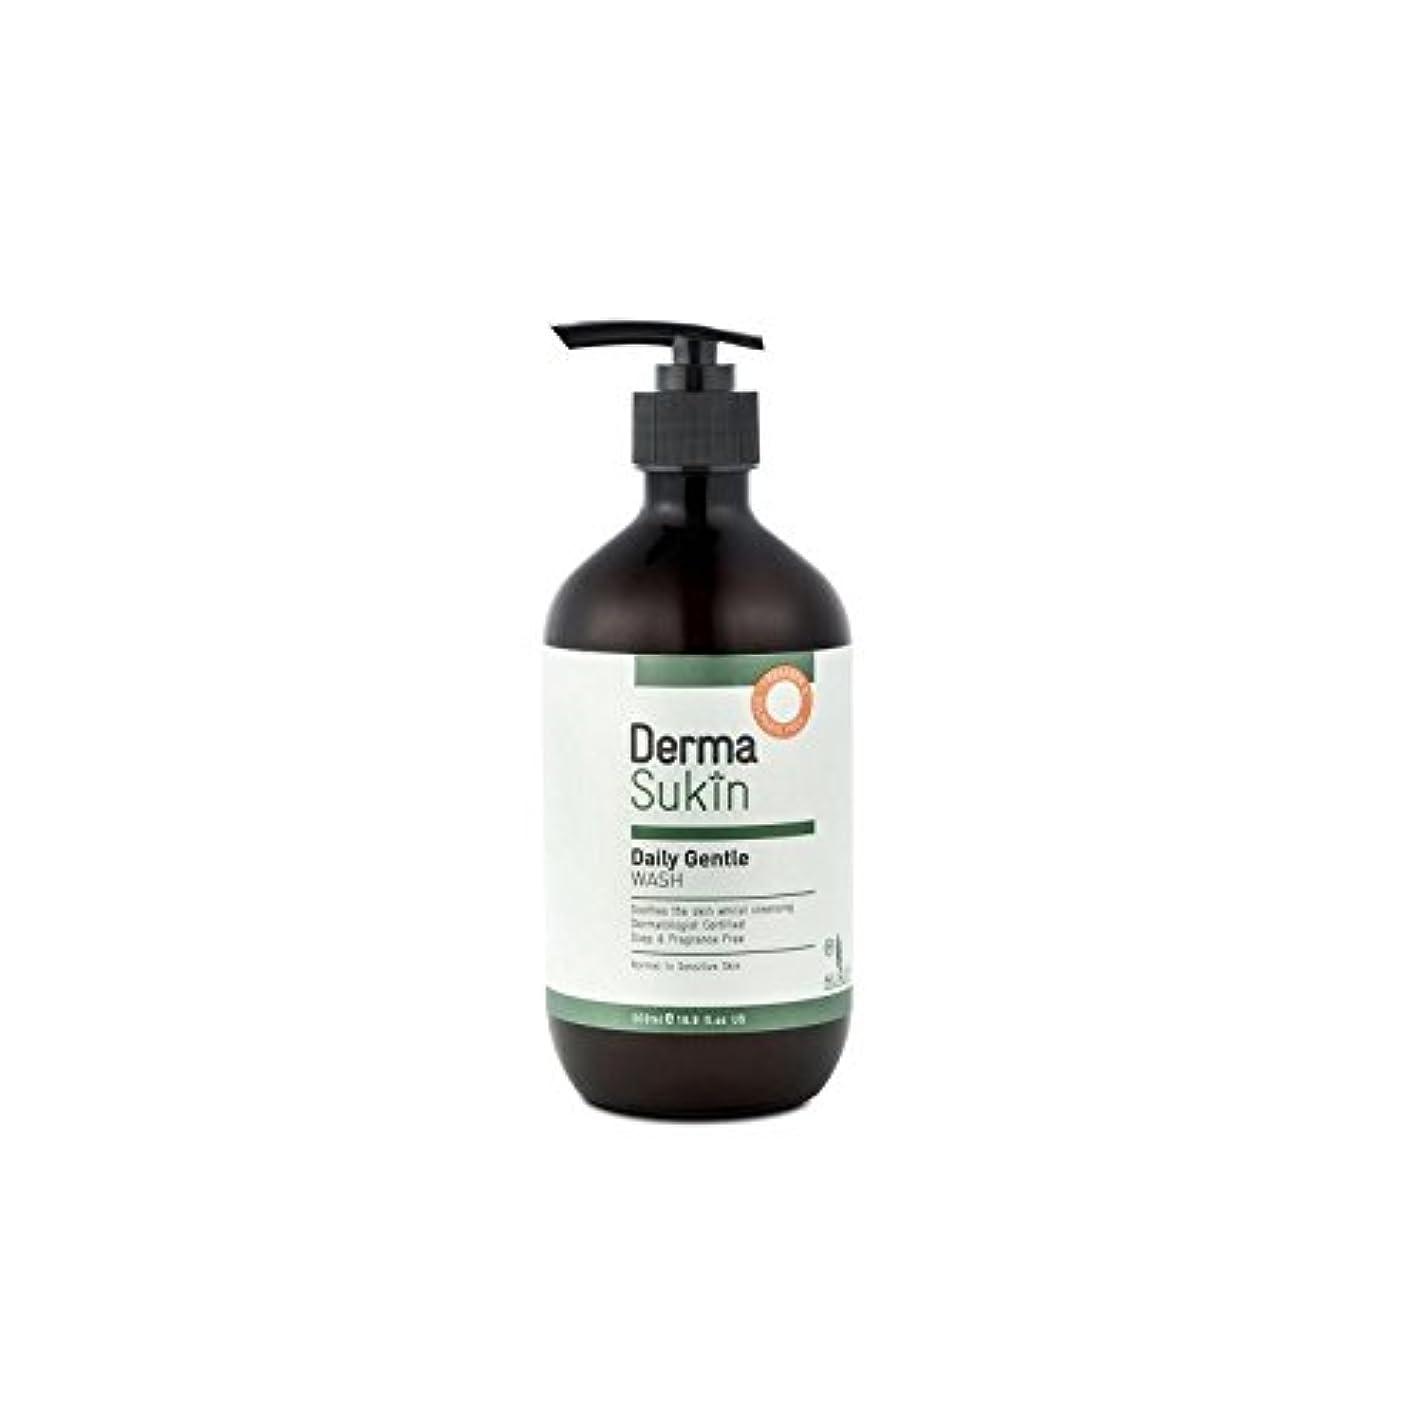 野心磁気ブリリアント日々の優しいソープフリーウォッシュ(500ミリリットル) x2 - Dermasukin Daily Gentle Soap Free Wash (500ml) (Pack of 2) [並行輸入品]